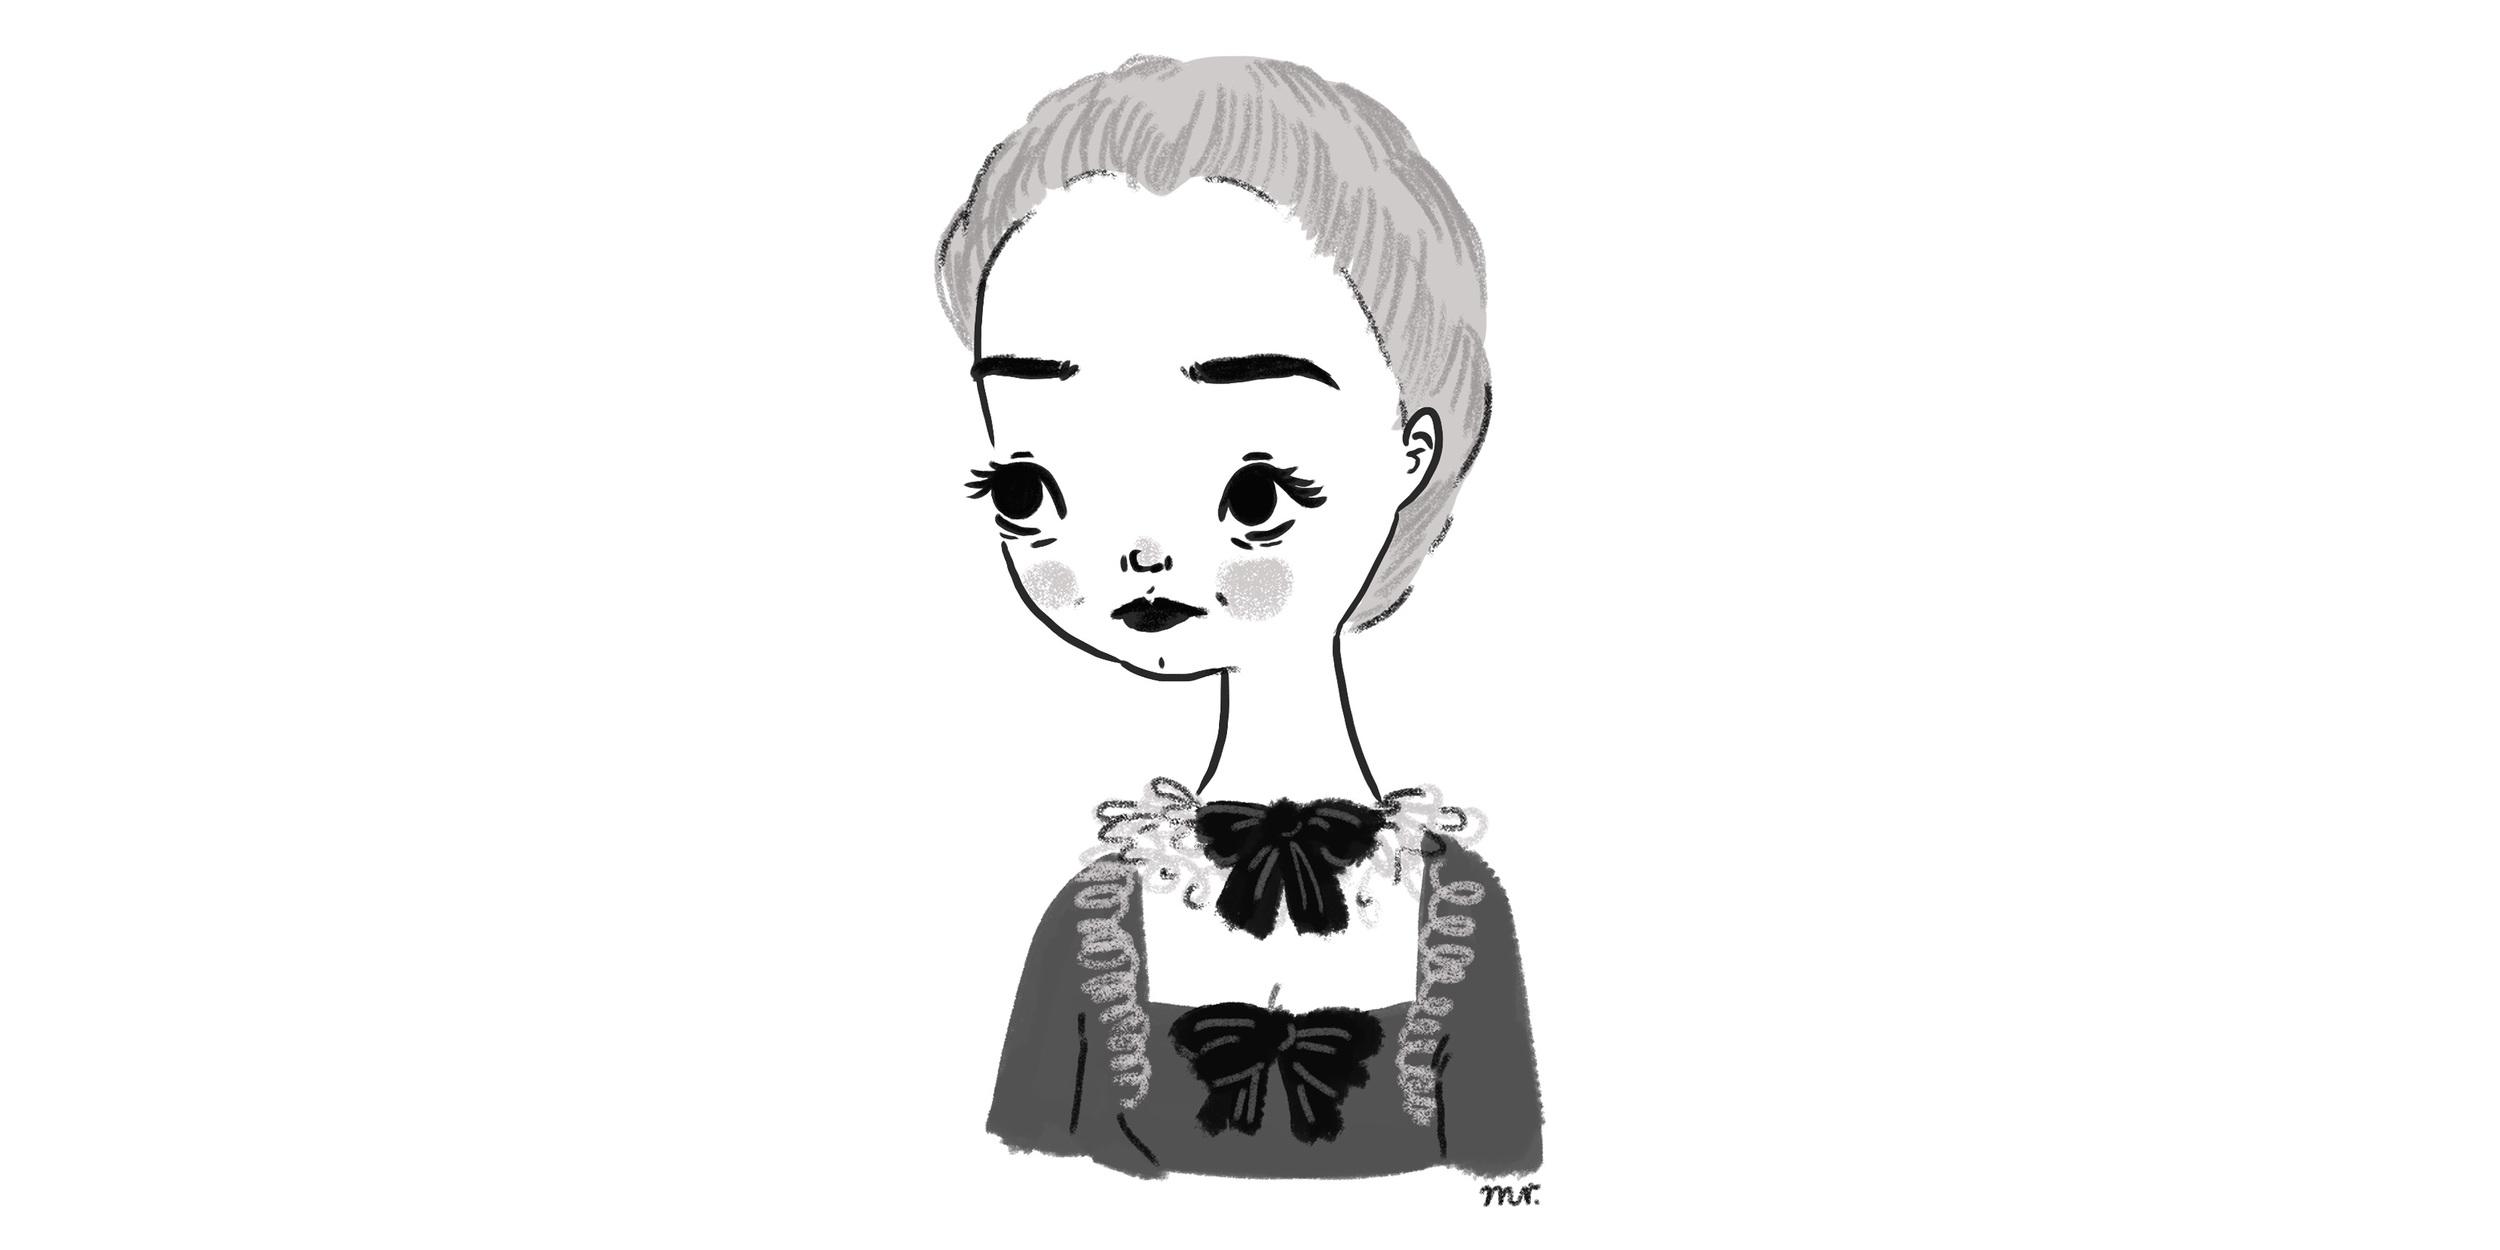 Illustration by Meg Gough-Brooks